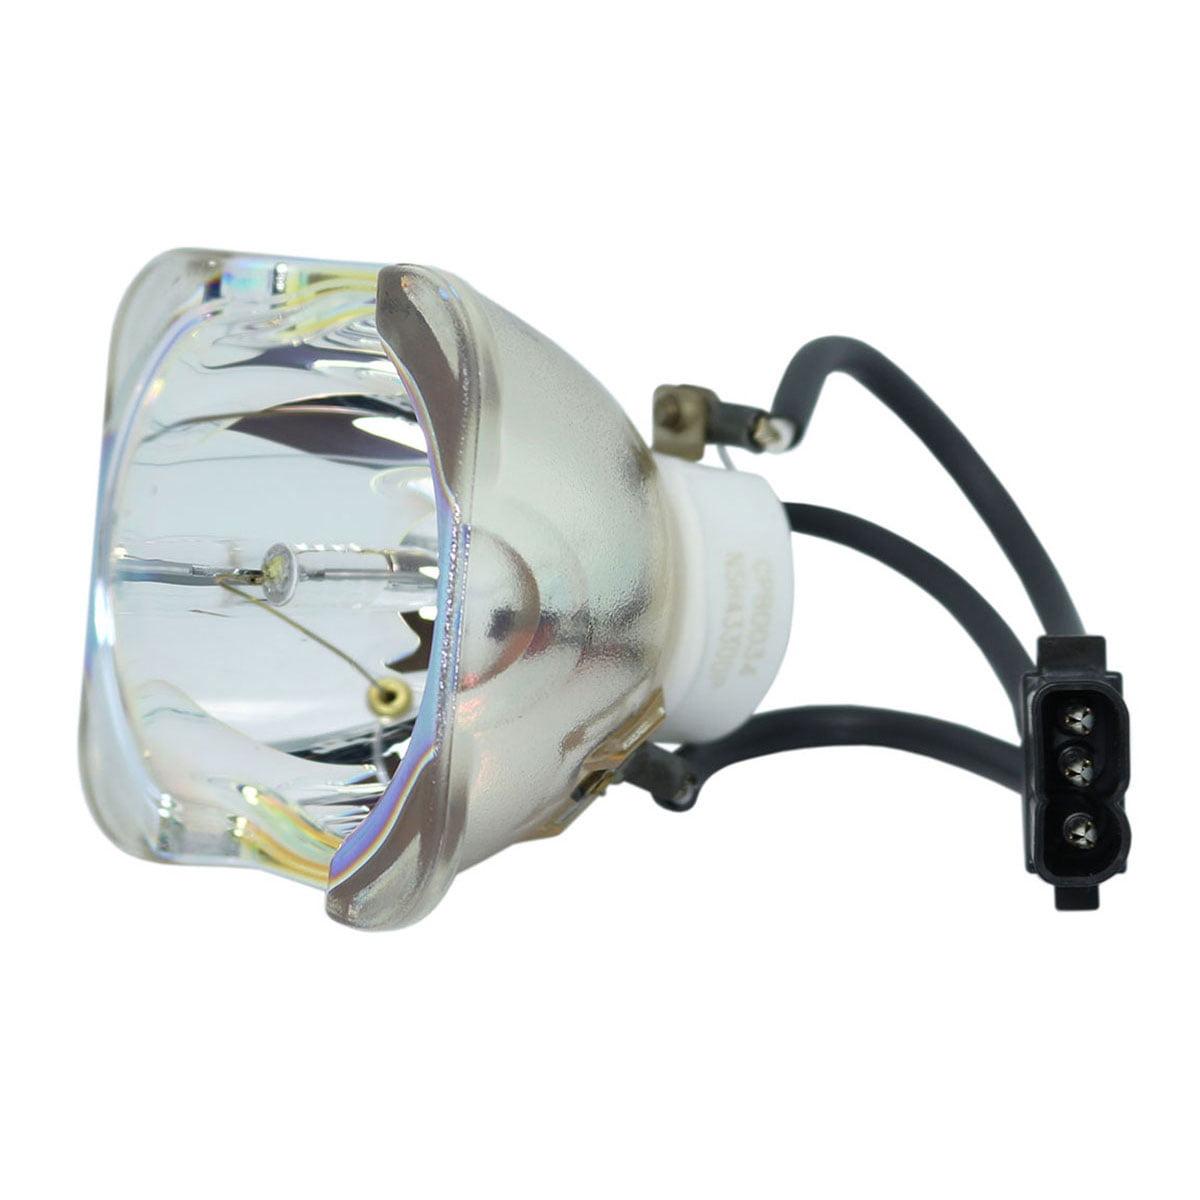 Lutema Platinum lampe pour Digital Projection 109-215J Projecteur (ampoule Philips originale) - image 5 de 5